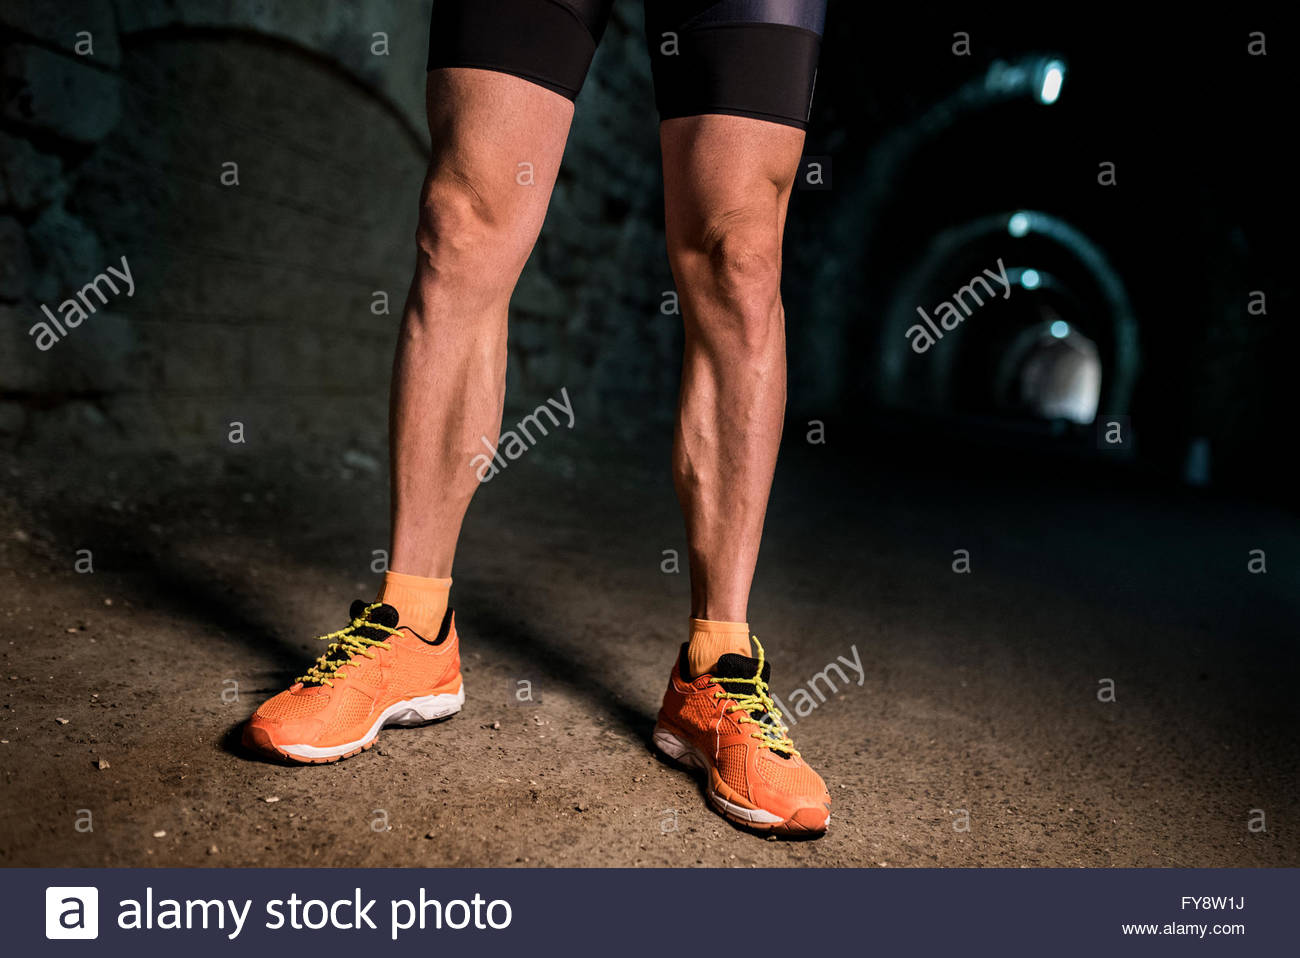 Muscolare di gambe di un corridore in un tunnel Immagini Stock